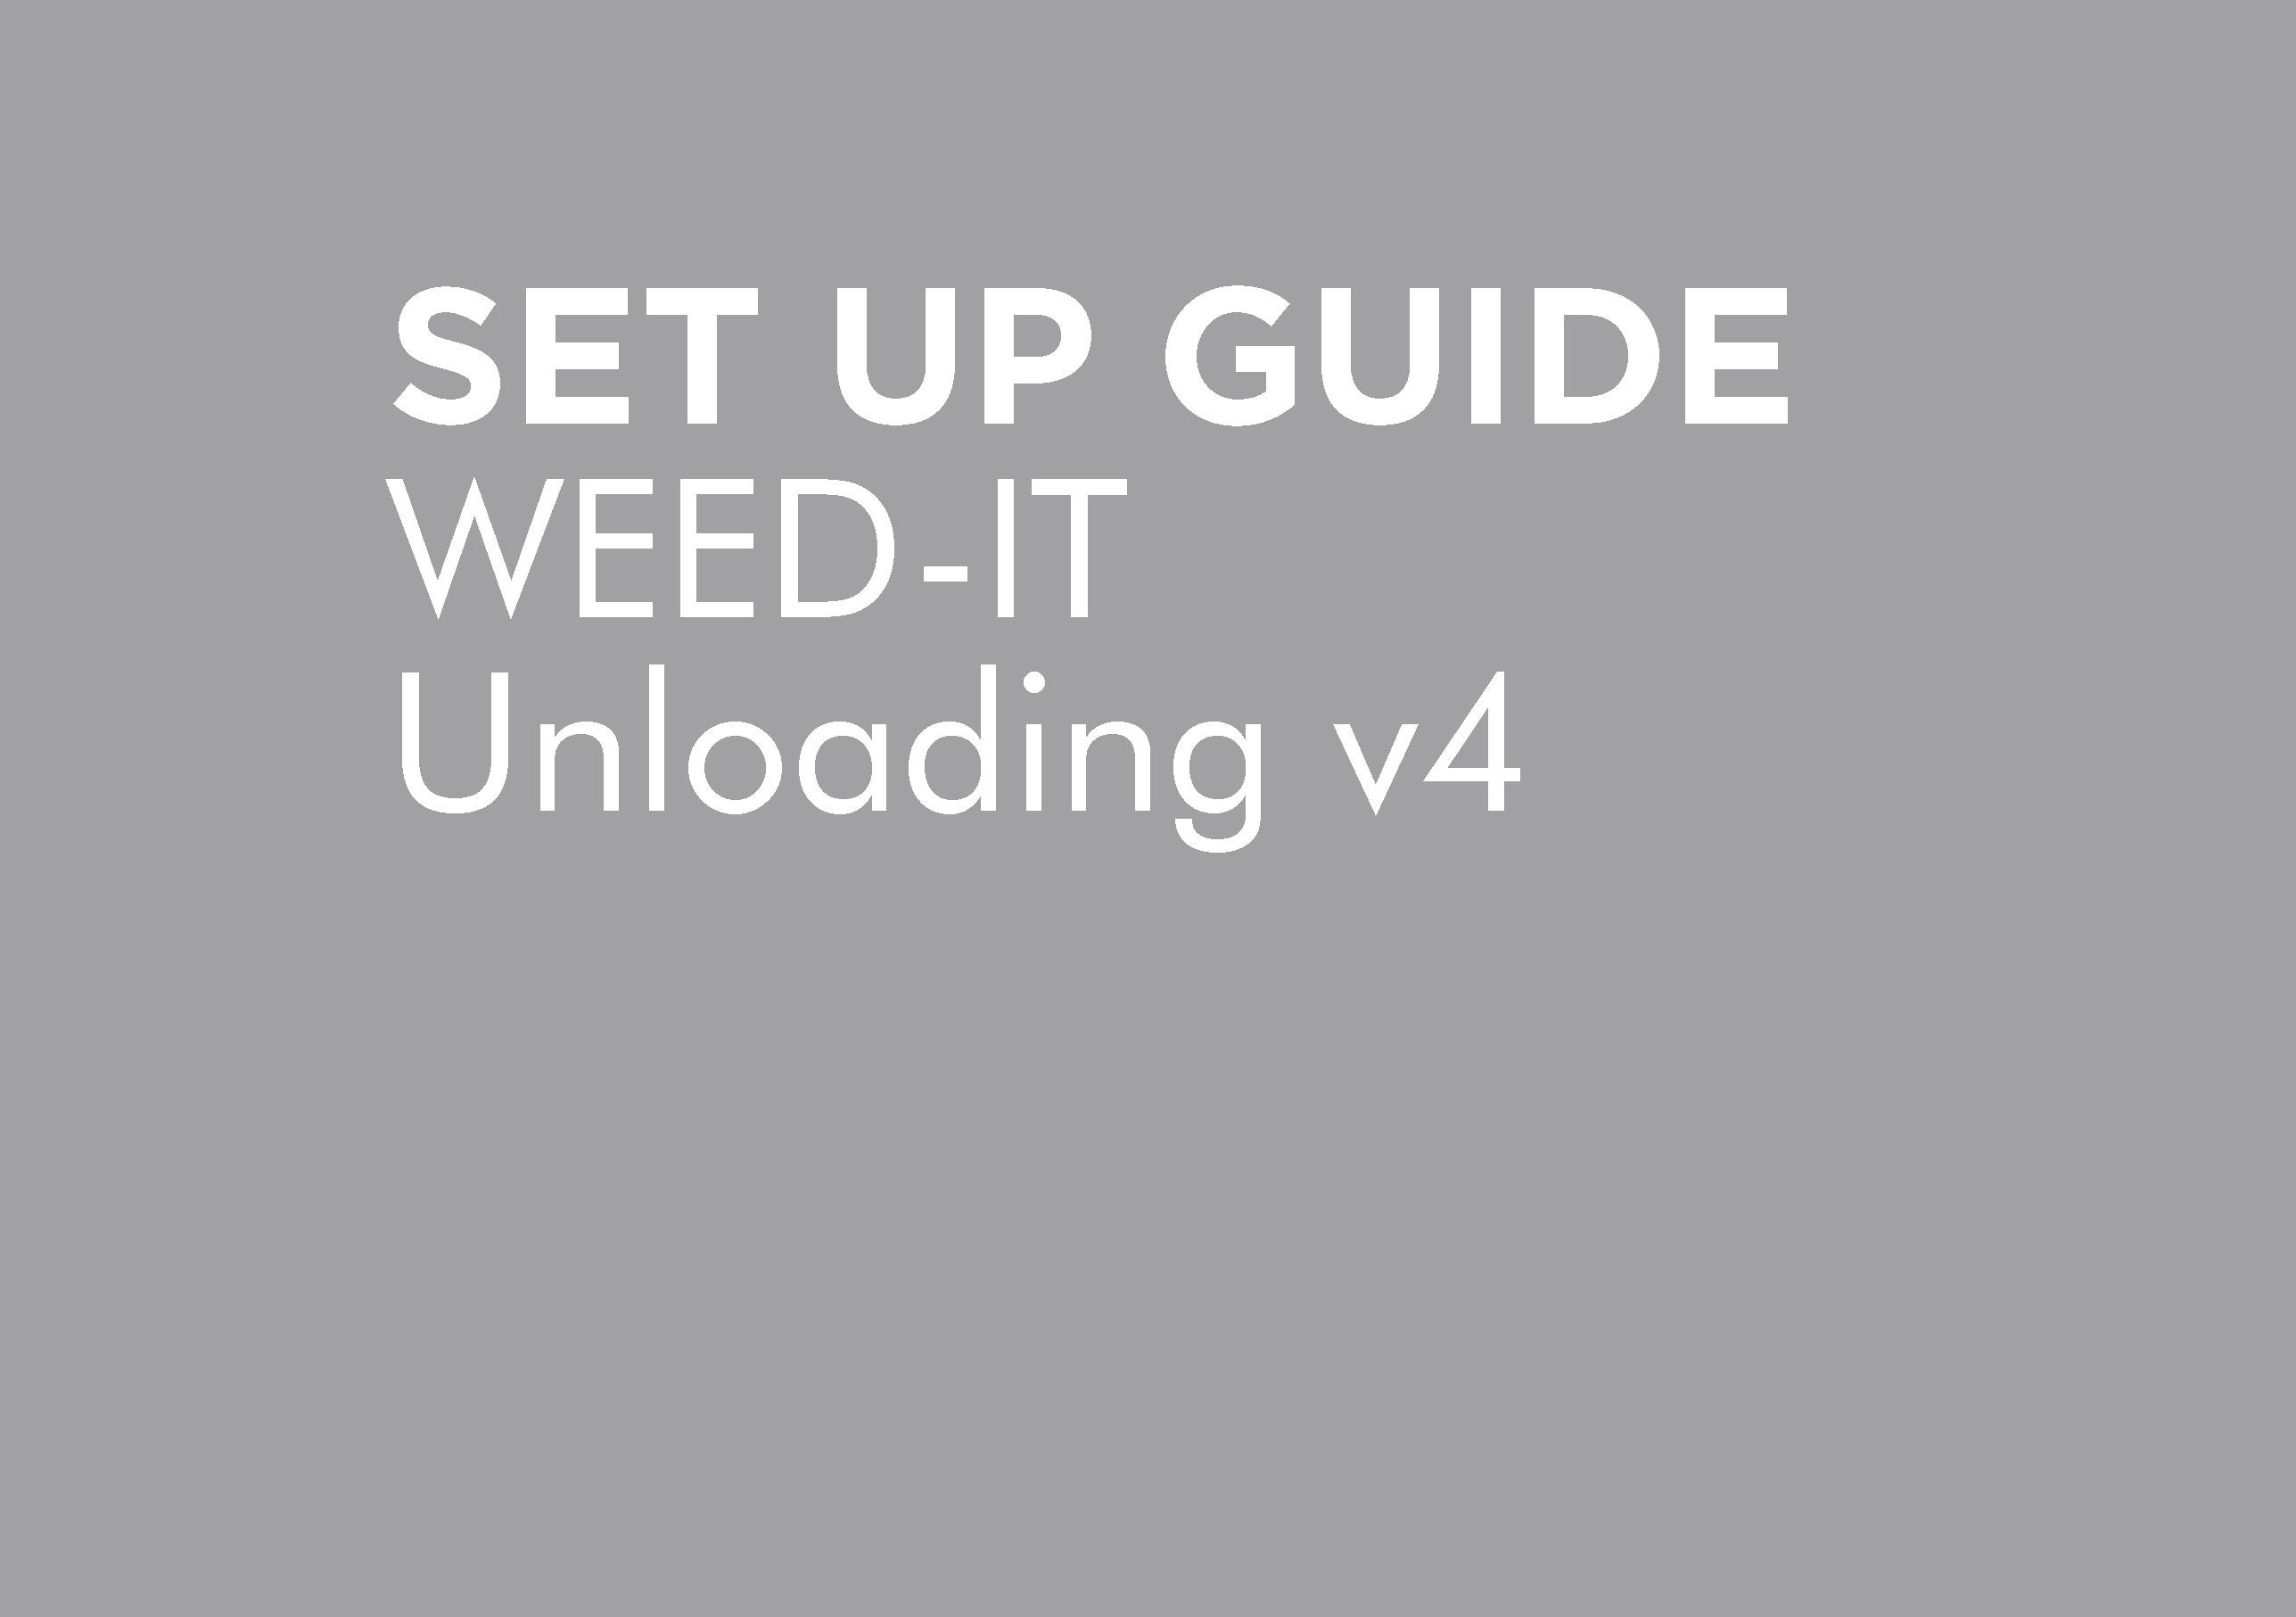 BT-OMWEED-TRANS – WEEDit UNLOADING & SETUP GUIDE V4